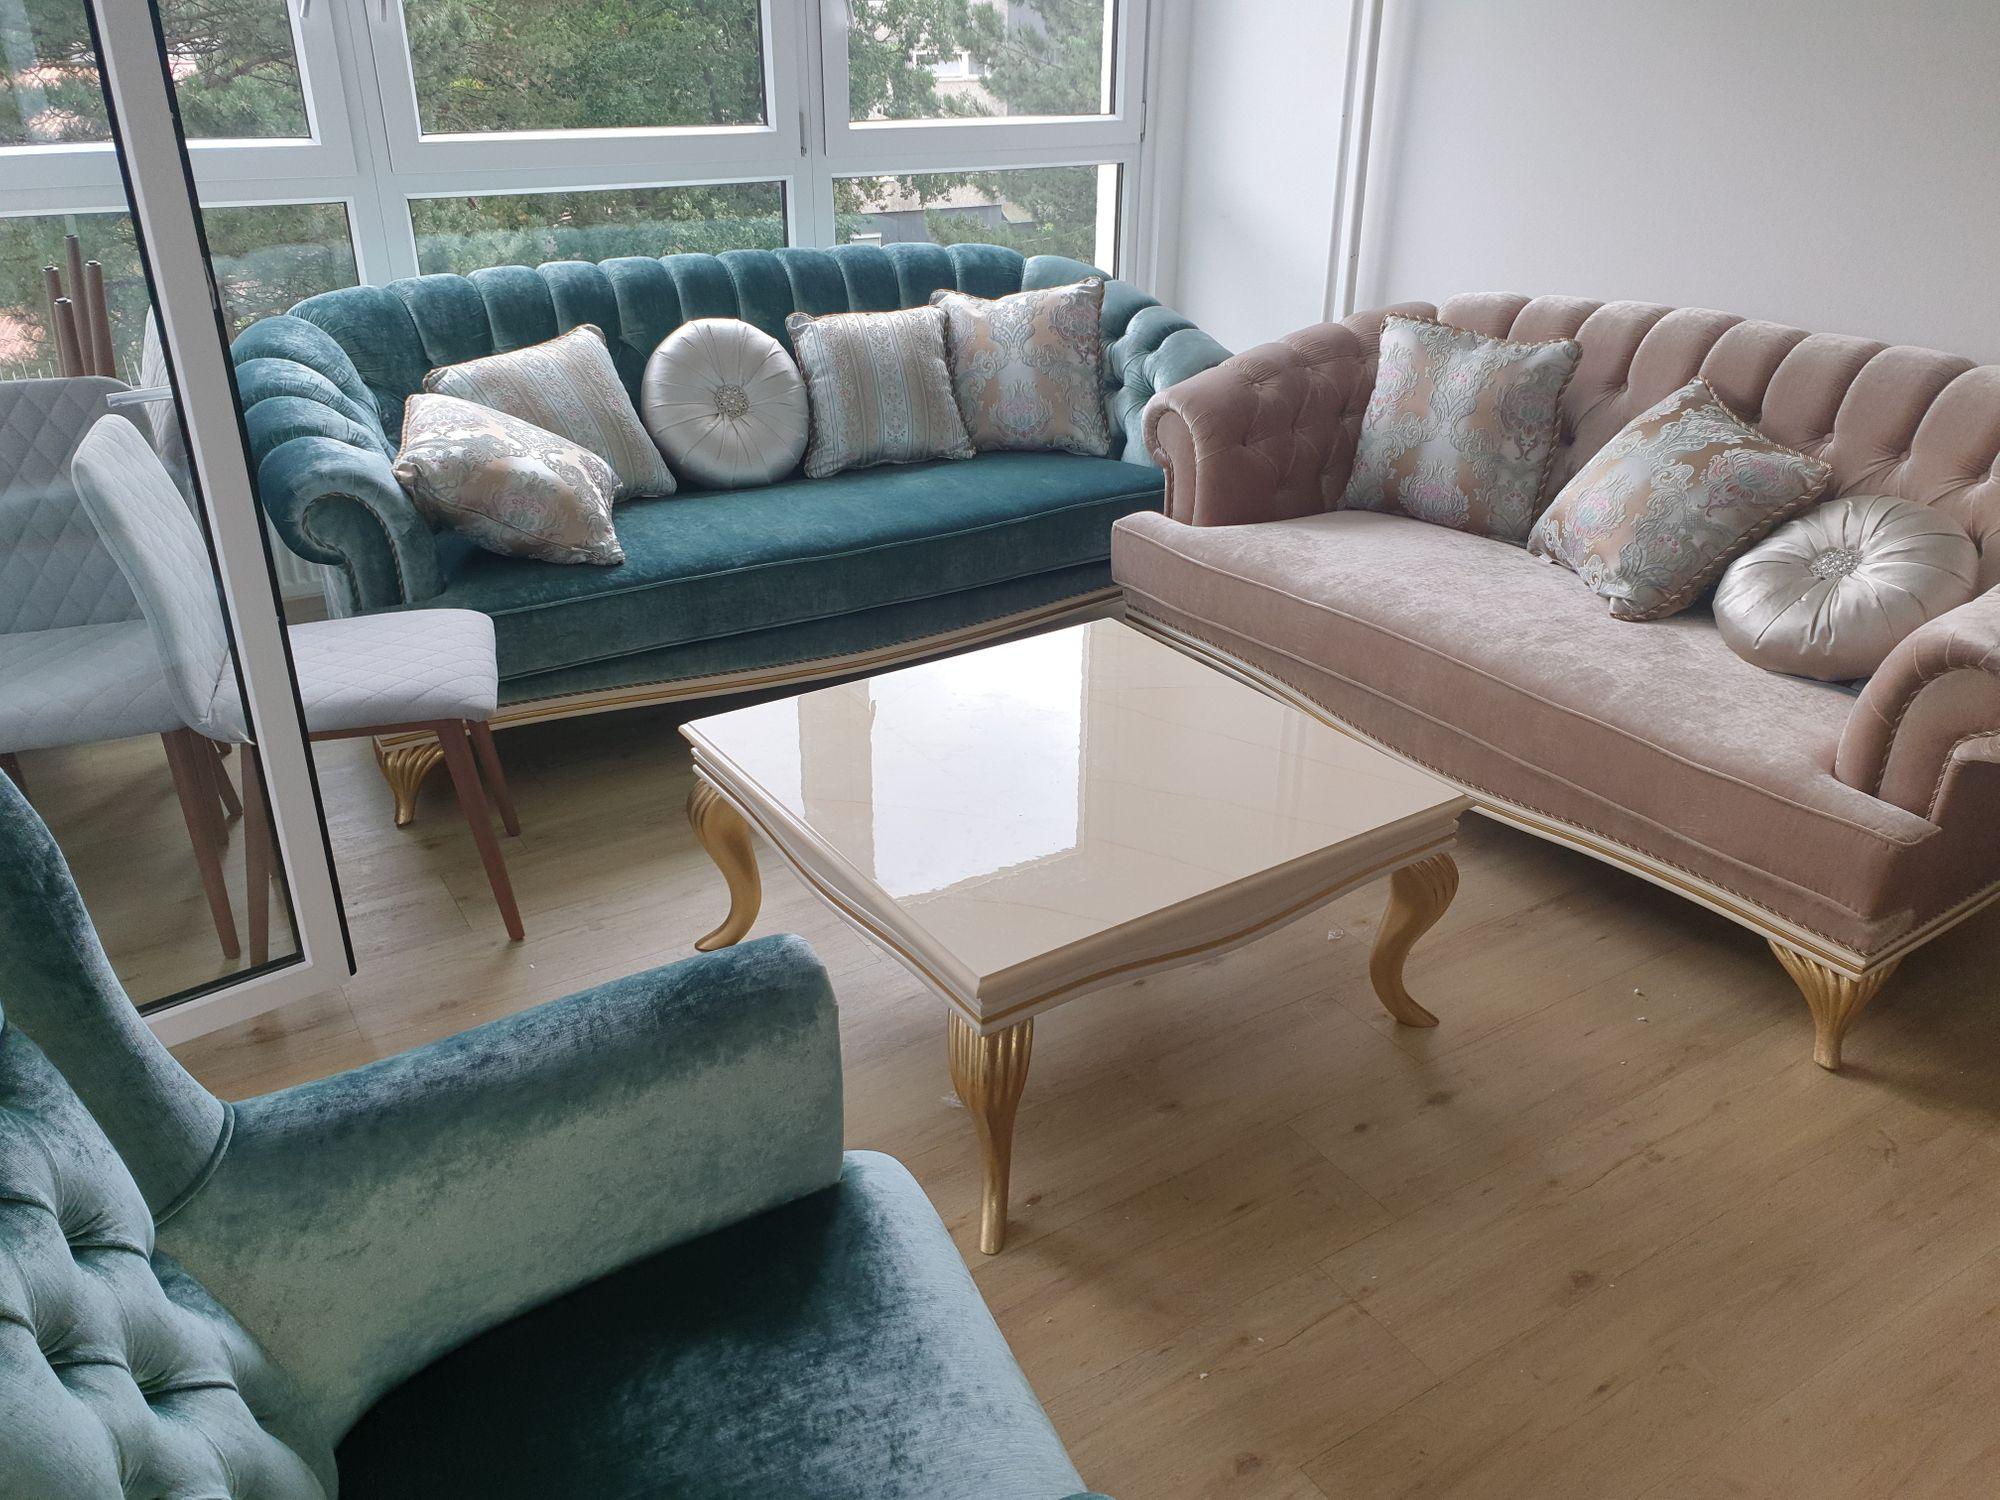 Werbung Elite Ecksofa 0 Finanzierung Bis Zu 36 Monate Kostenlose Lieferung Montage Innerhalb 50km Opel Living Room Shades Home Decor Decor